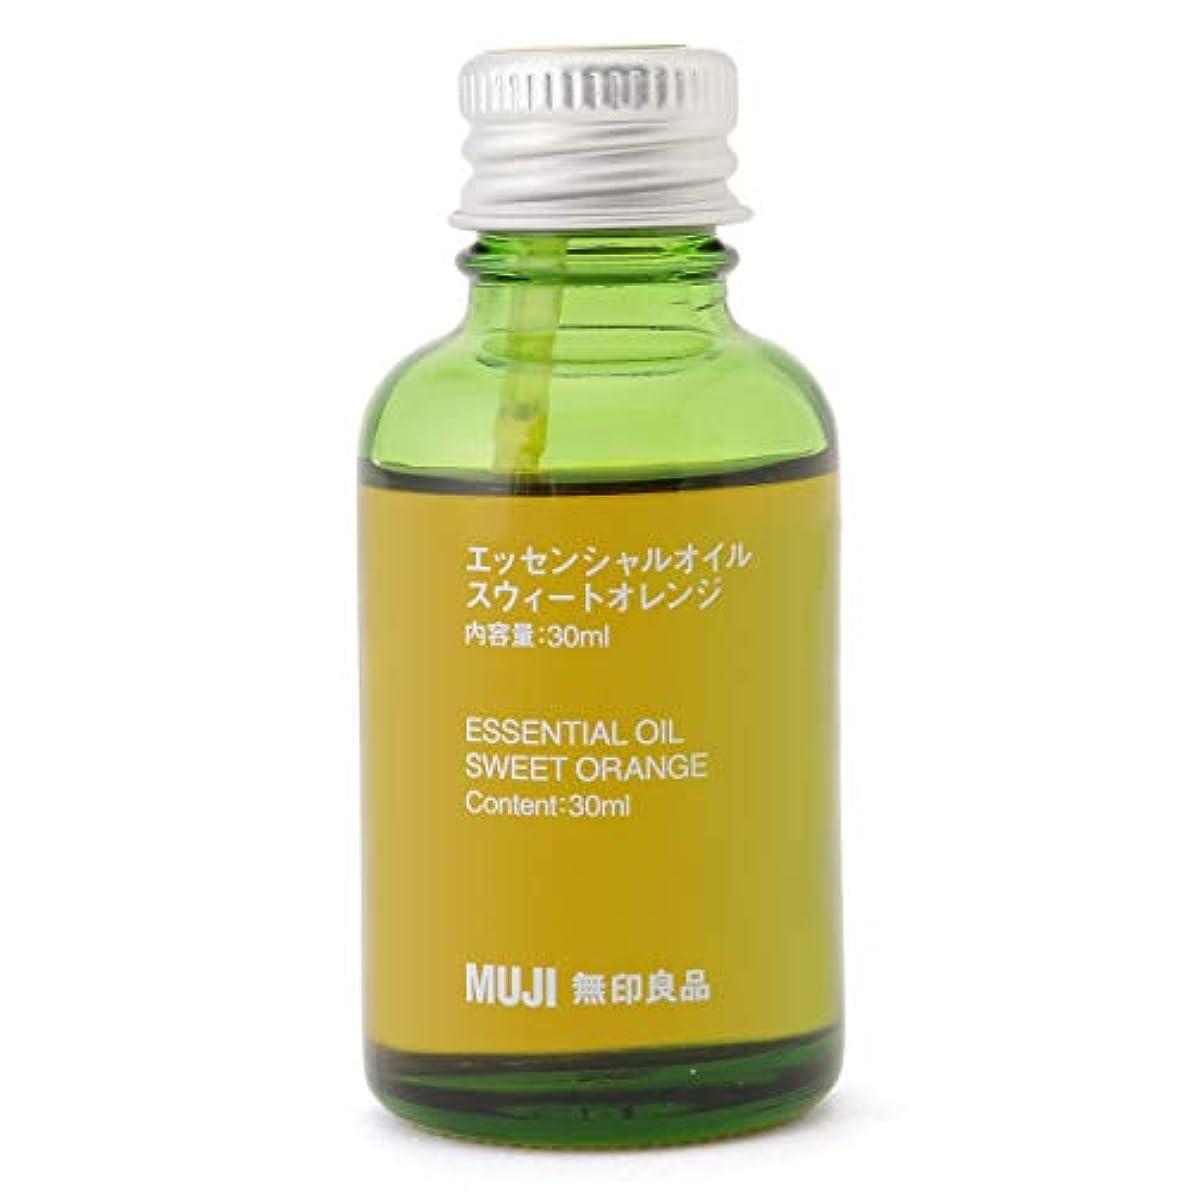 小屋契約したタック【無印良品】エッセンシャルオイル30ml(スウィートオレンジ)